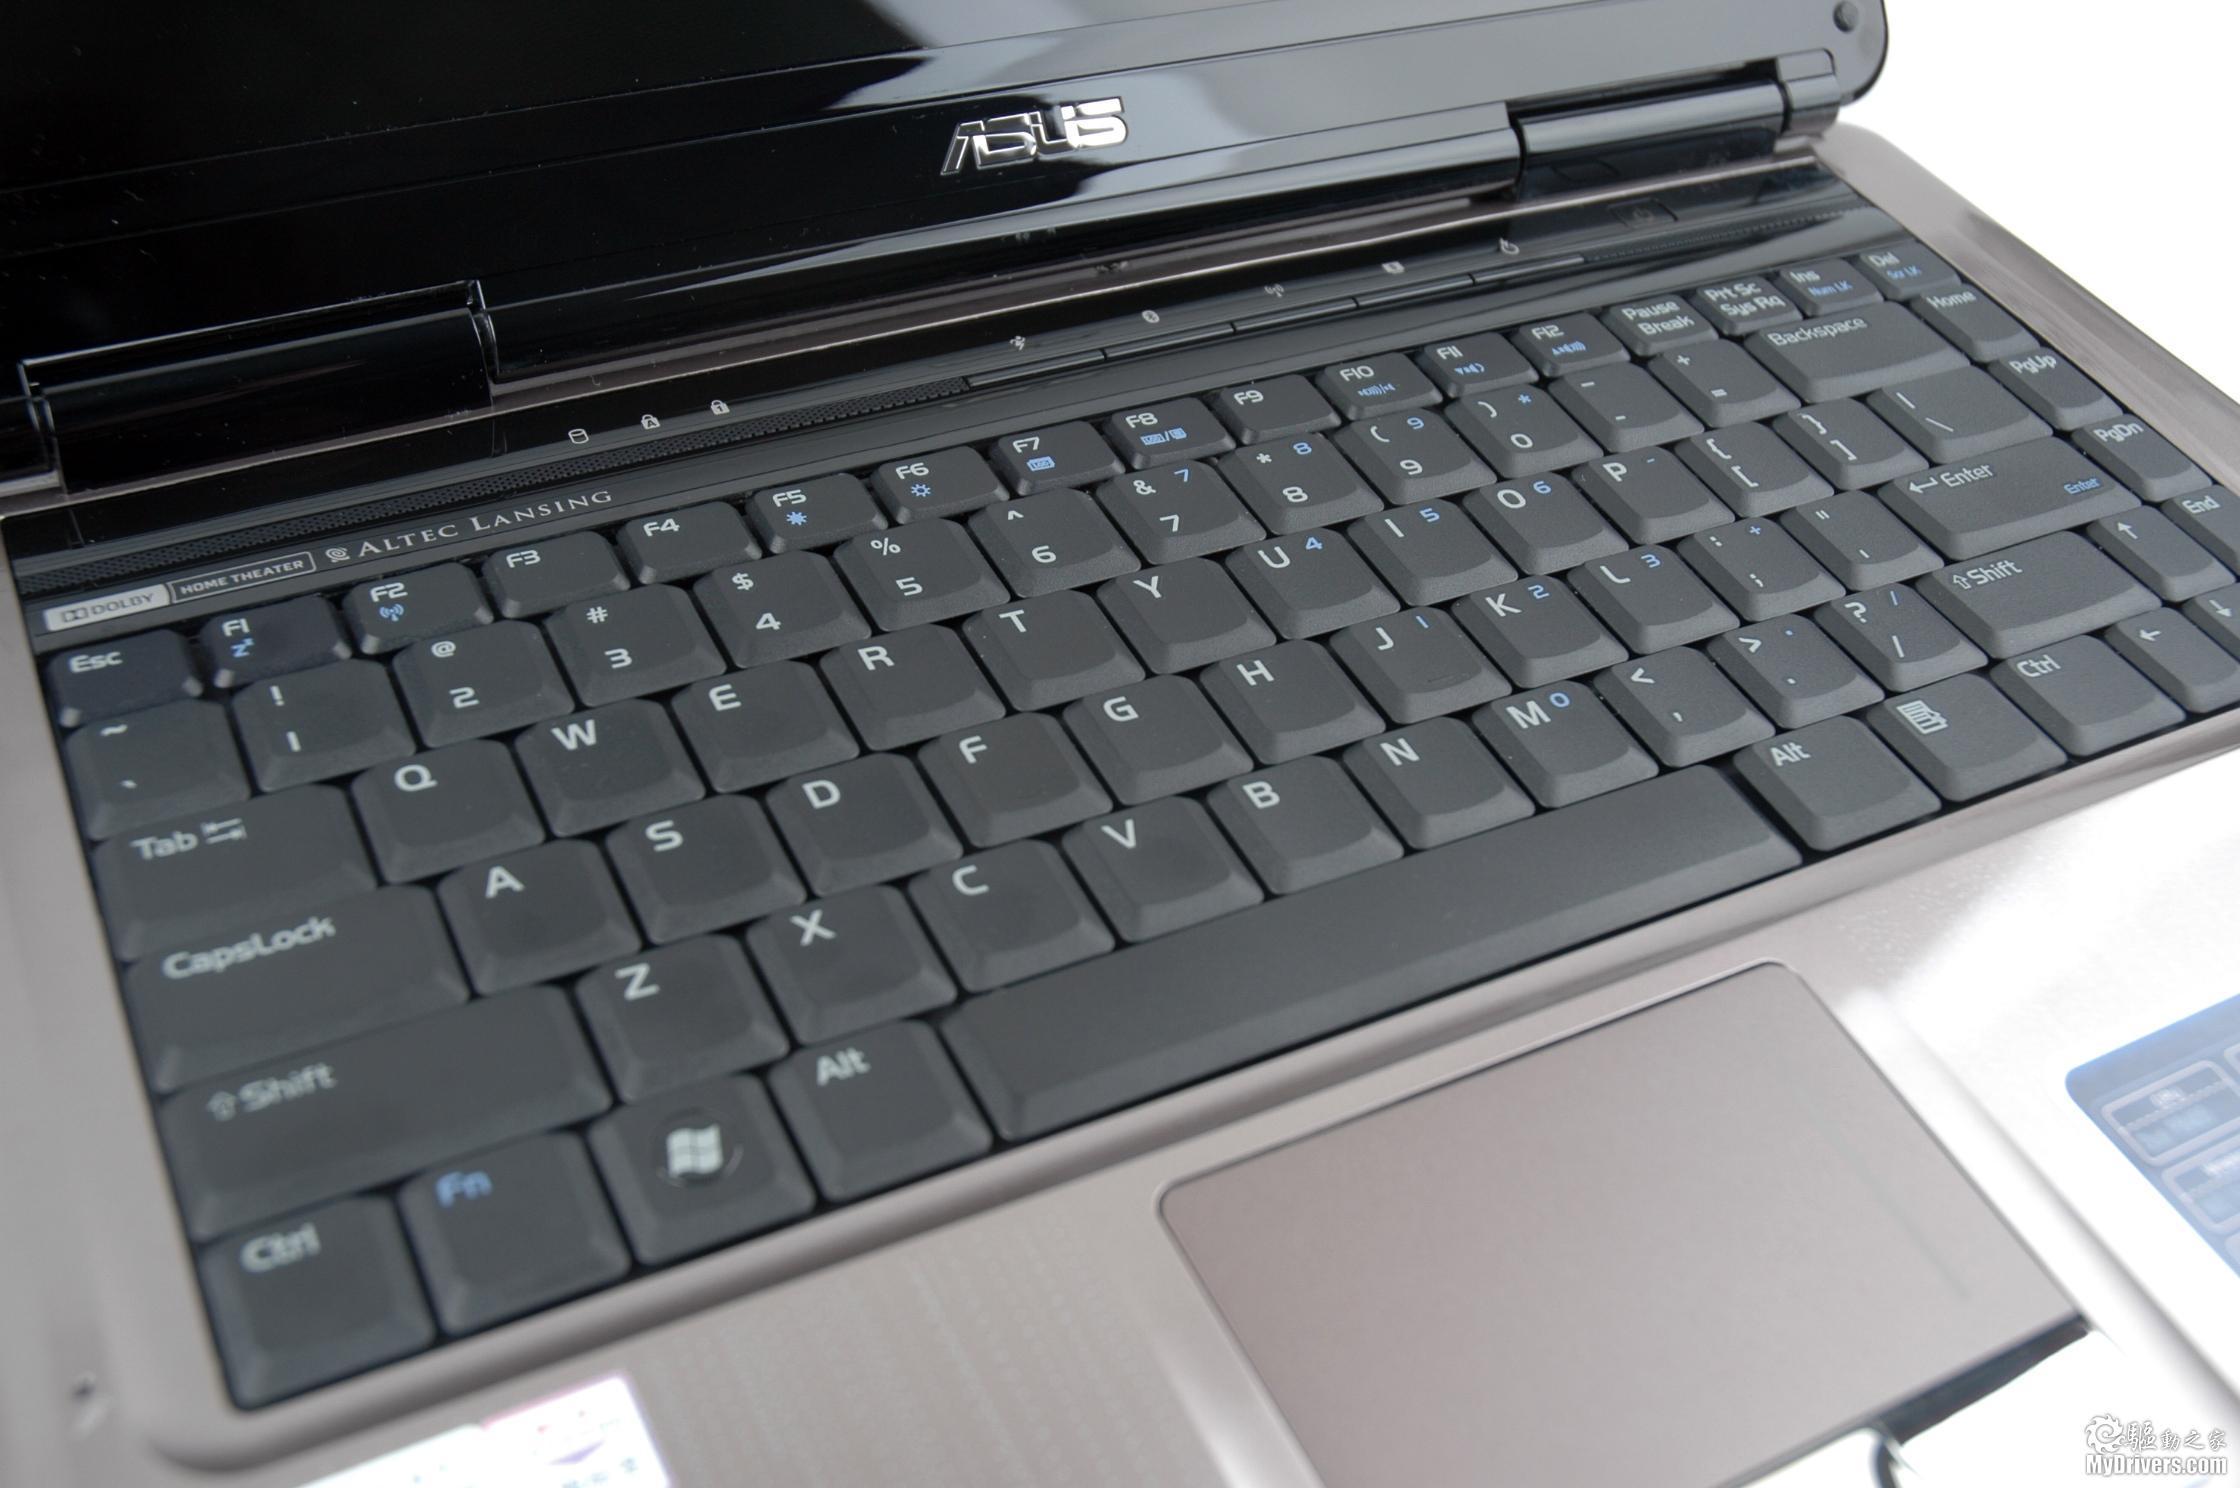 [华硕N81Vg笔记本赏析2]  屏幕与键盘部分外观 华硕N81的屏幕采用先进的16:9黄金比例宽屏设计,分辨率达1366X768,相比14.1英寸16:10比例设置、1280X800分辨率的普遍屏幕,不仅可有效消减恼人的视频黑色边框现象,在电影模式下也大大增加了可视范围。  130W像素摄像头 在屏幕正中央还设计了一个130W像素摄像头,方便用户进行日常网络视频沟通。  键盘部分特写 这款华硕N80的键盘继承了华硕优良的传统,在键距、键程方面的表现相当出色。在做工方面,该键盘的左右部分并没有出现下陷等情